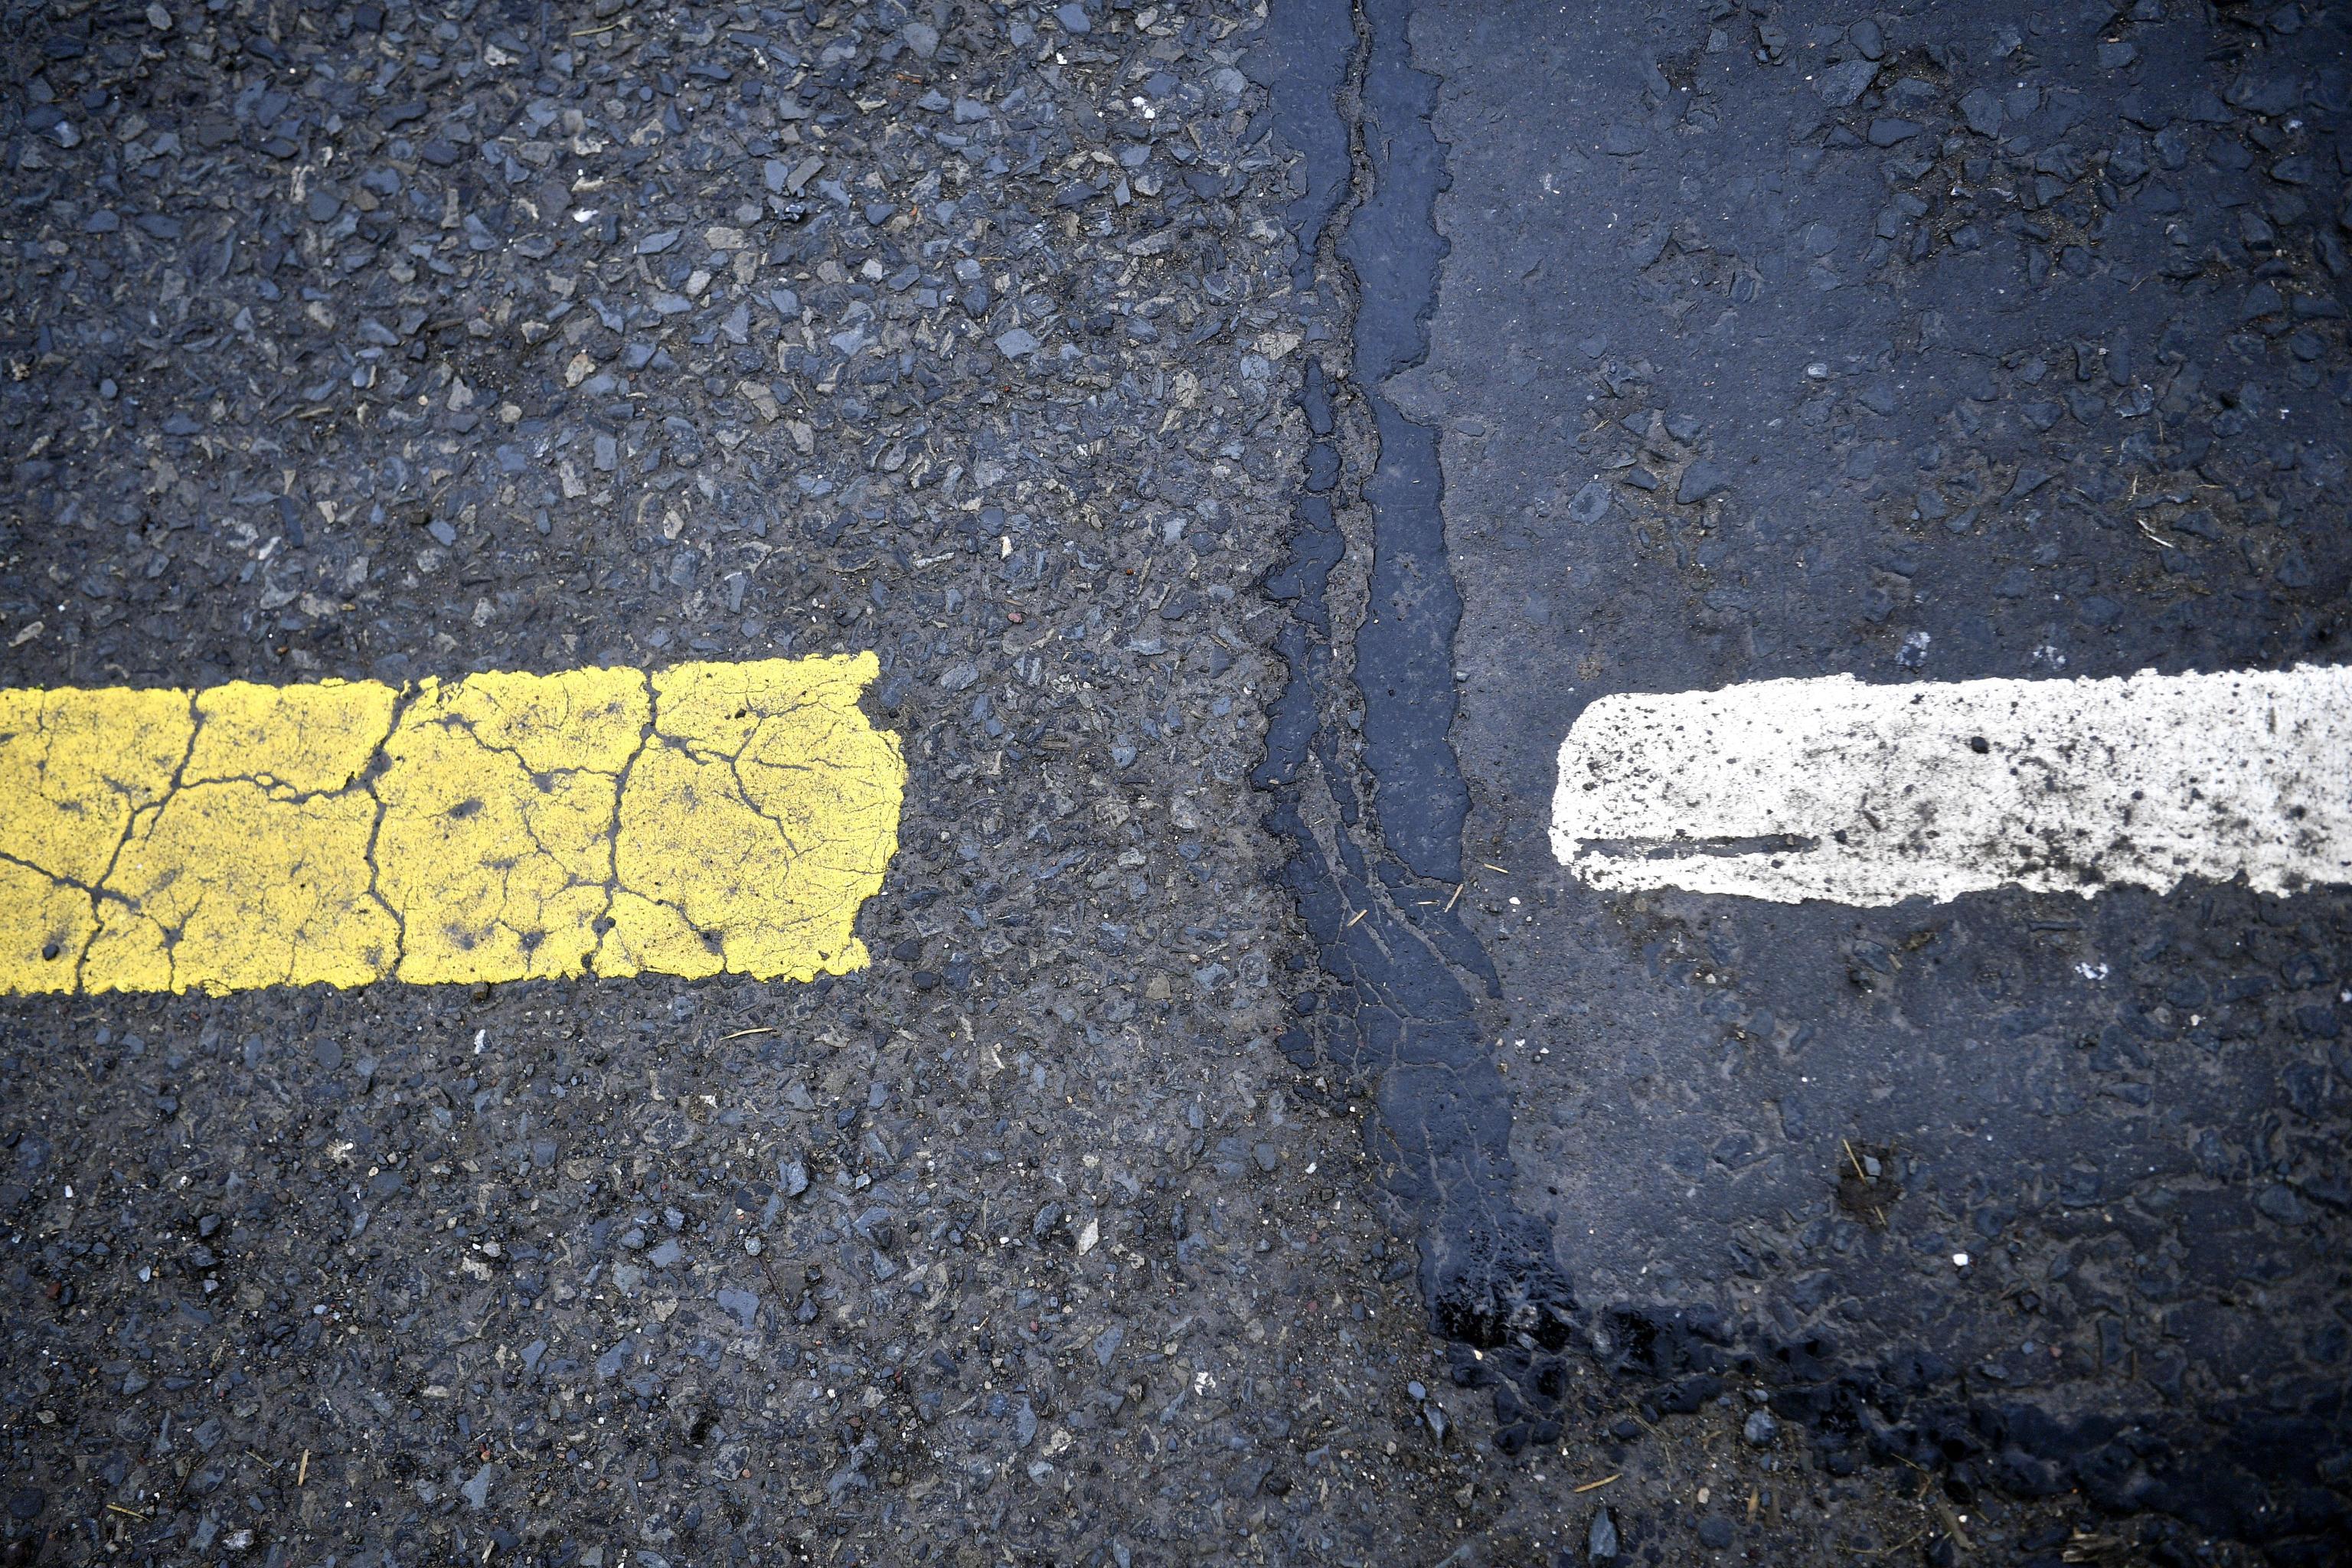 Dalla segnaletica orizzontale si capisce che si sta attraversando il confine invisibile tra le due irlande